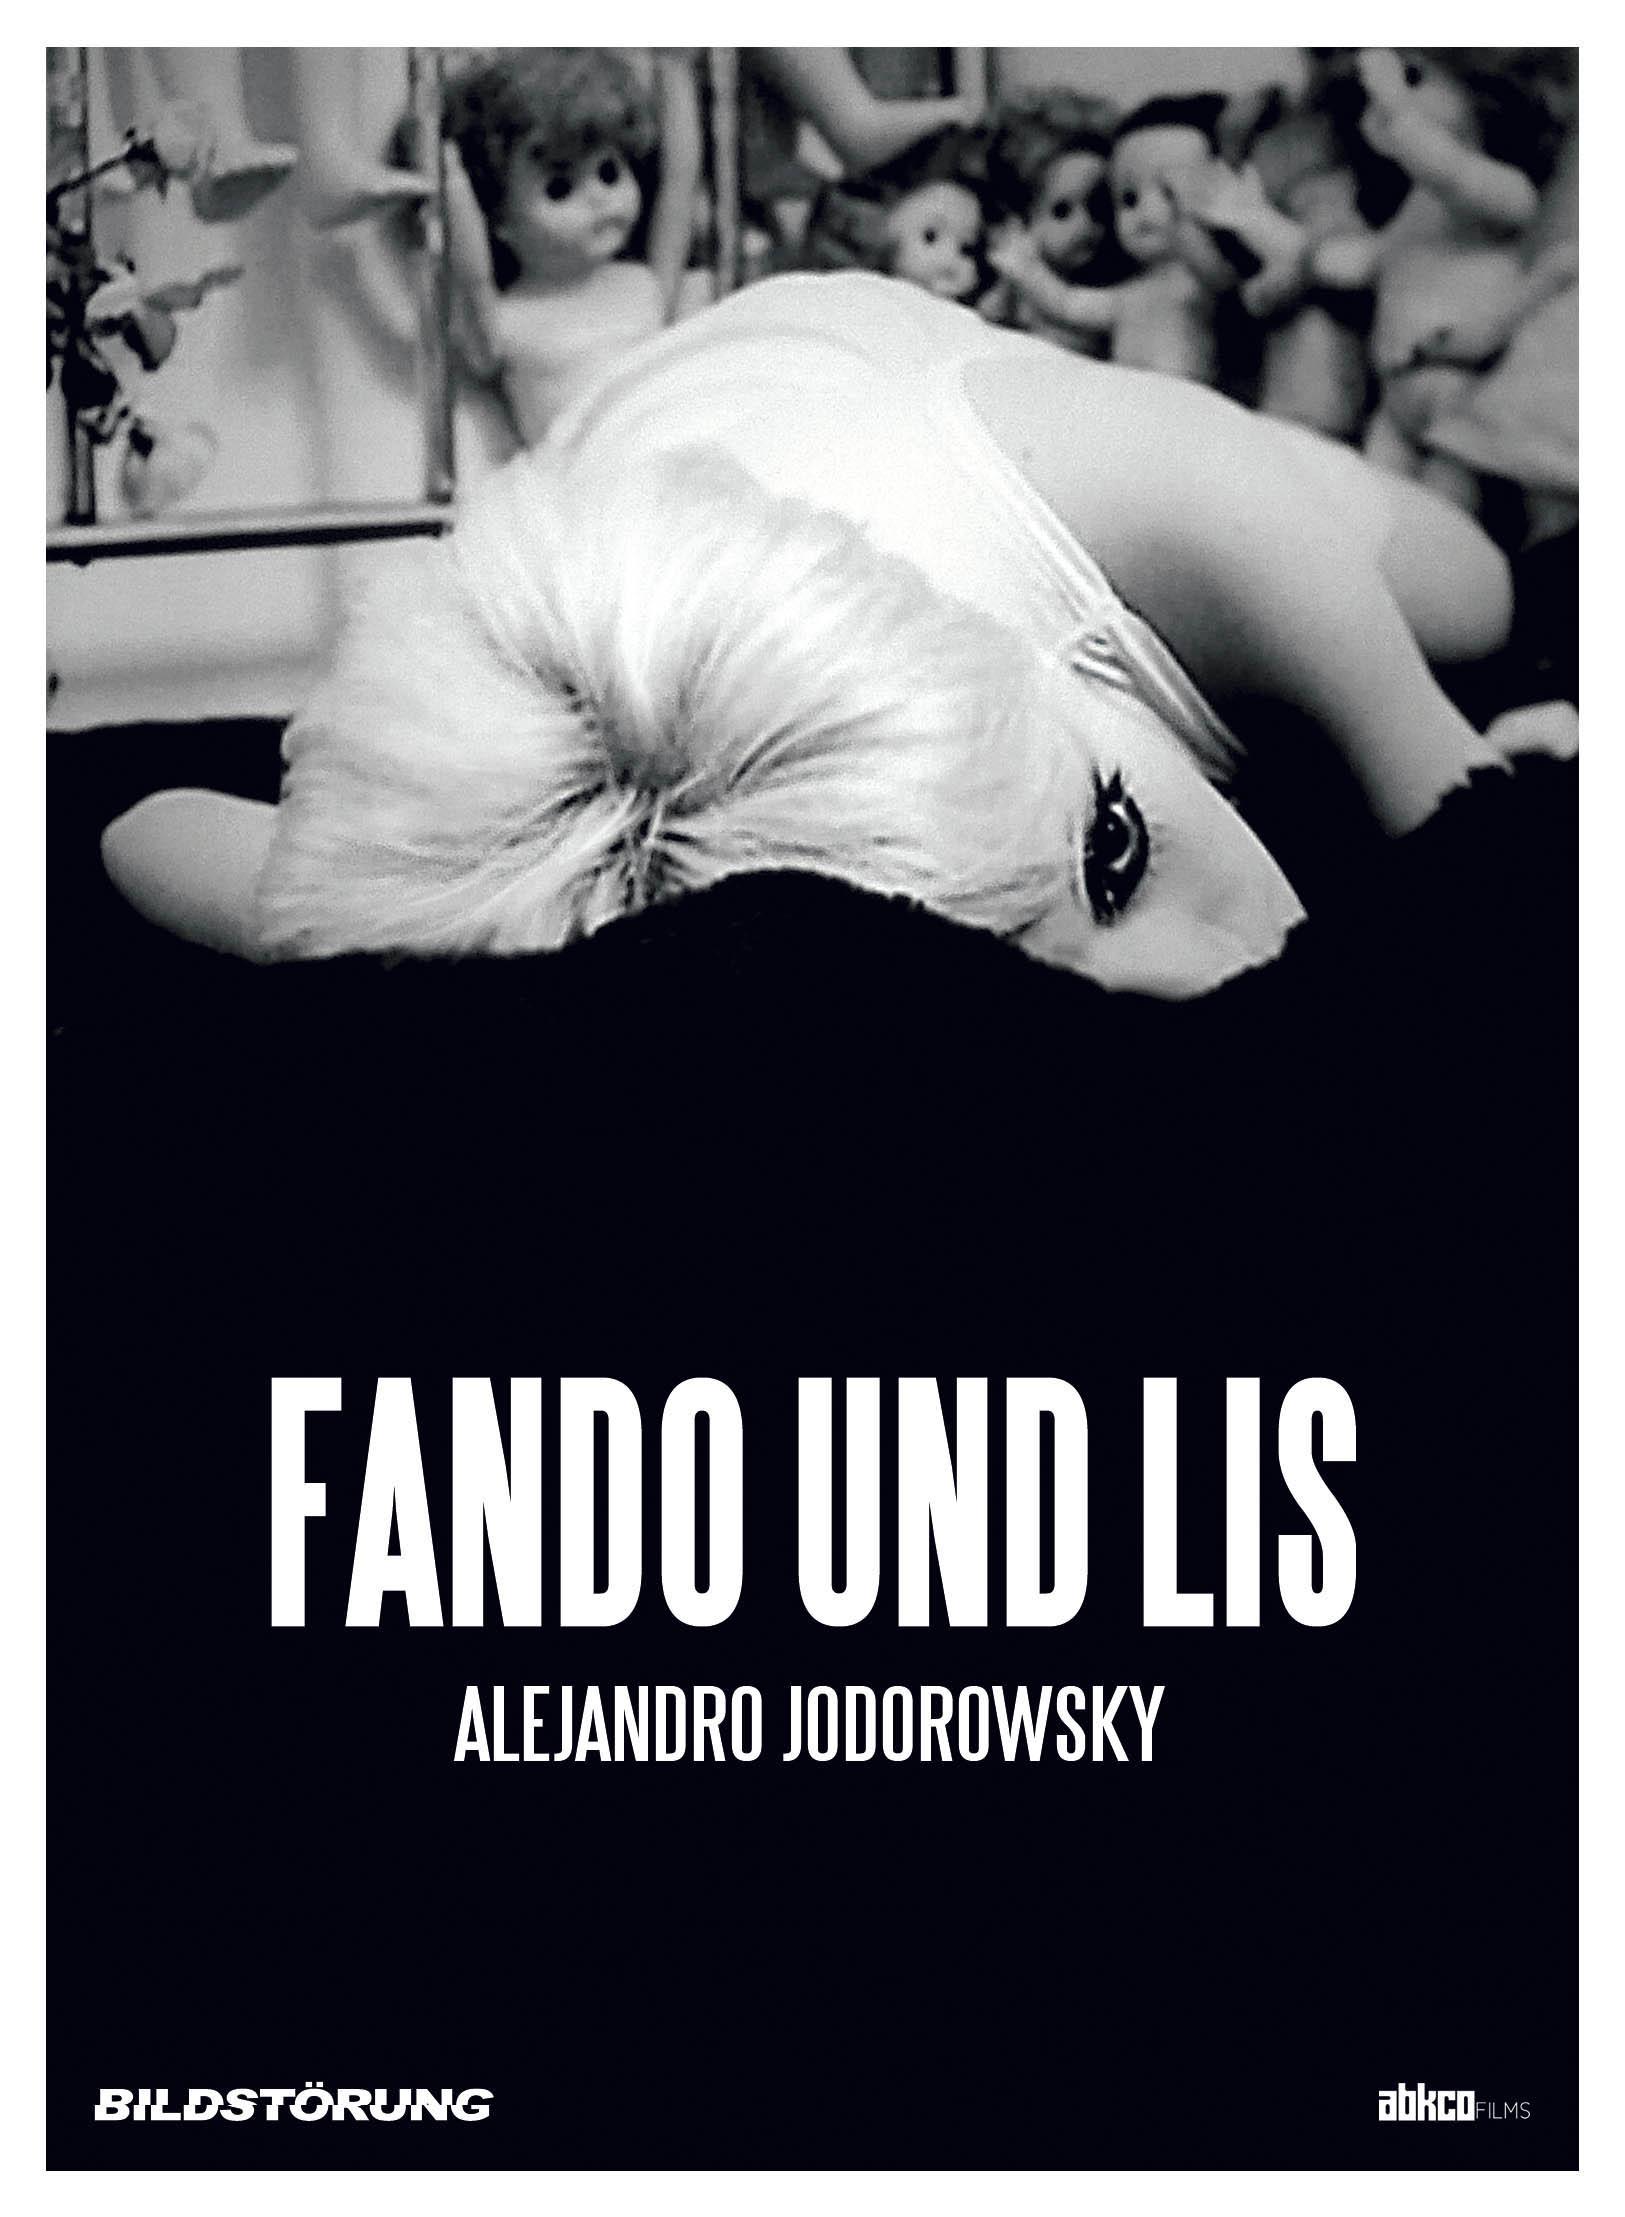 FANDO UND LIS Cover